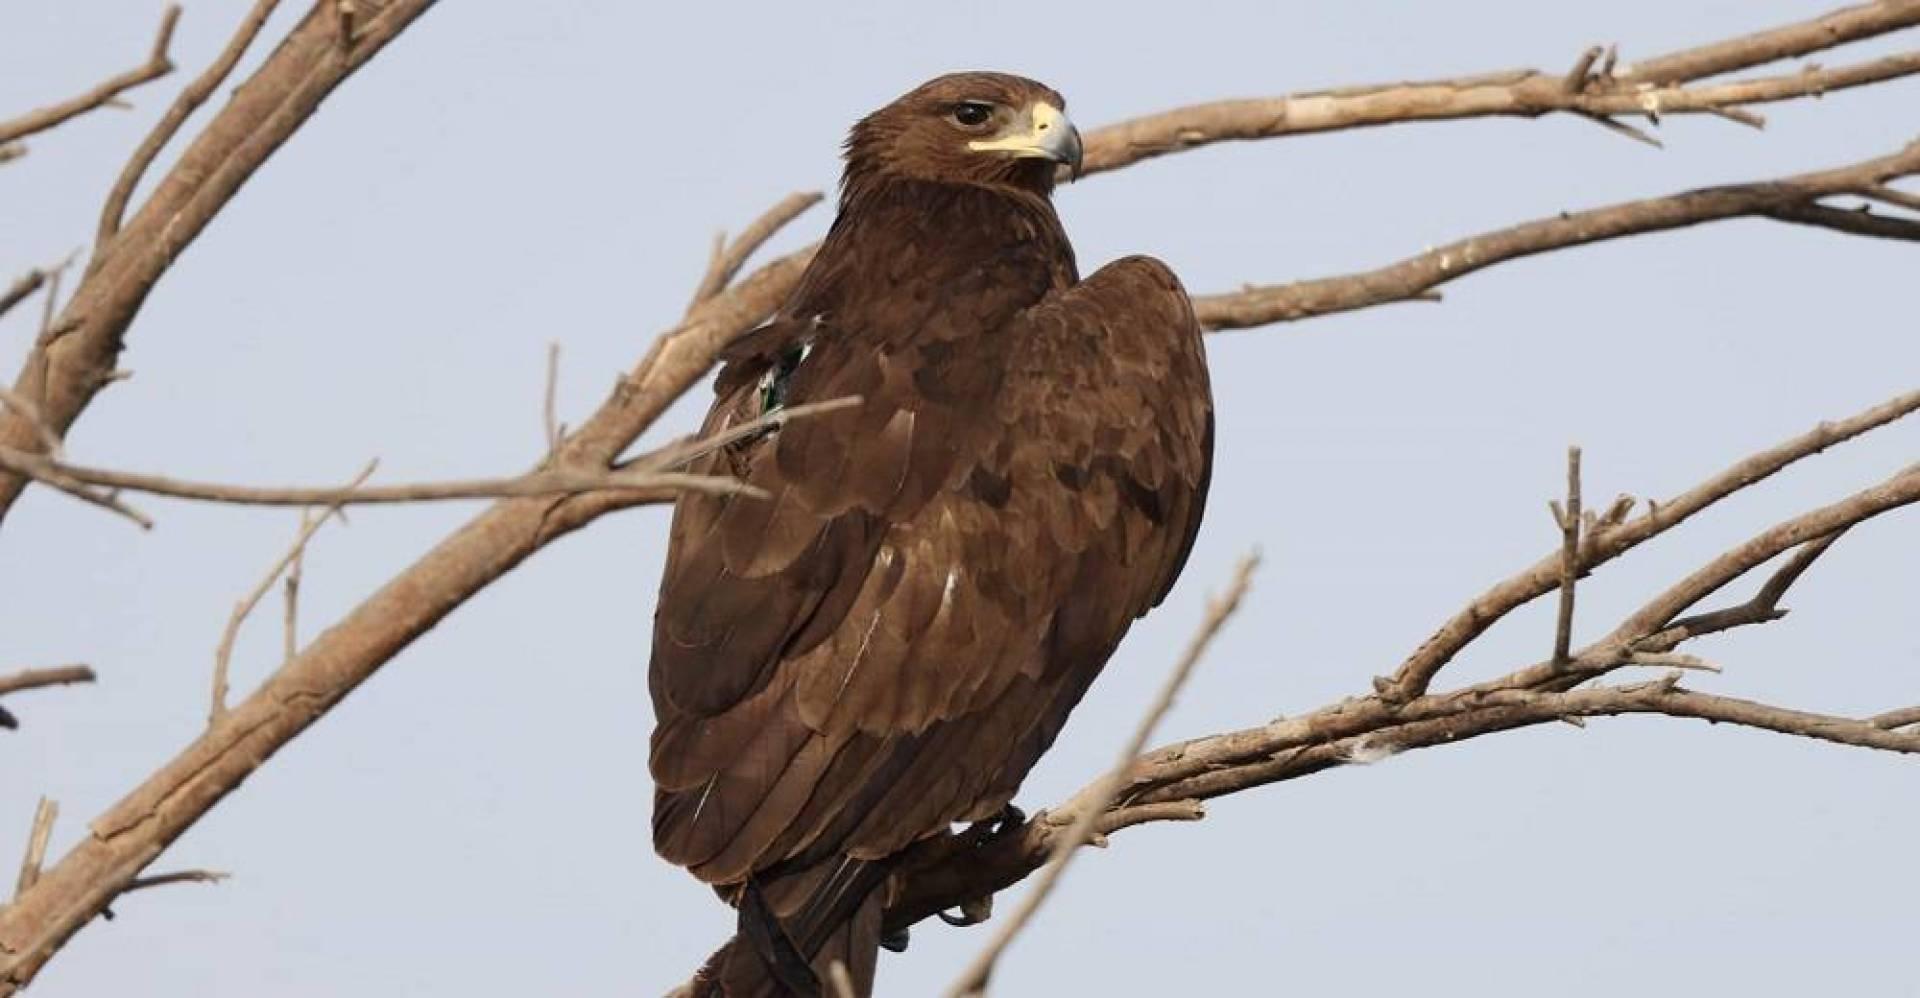 طيور العقاب تعود للبلاد بعد 6 أشهر في جنوب روسيا